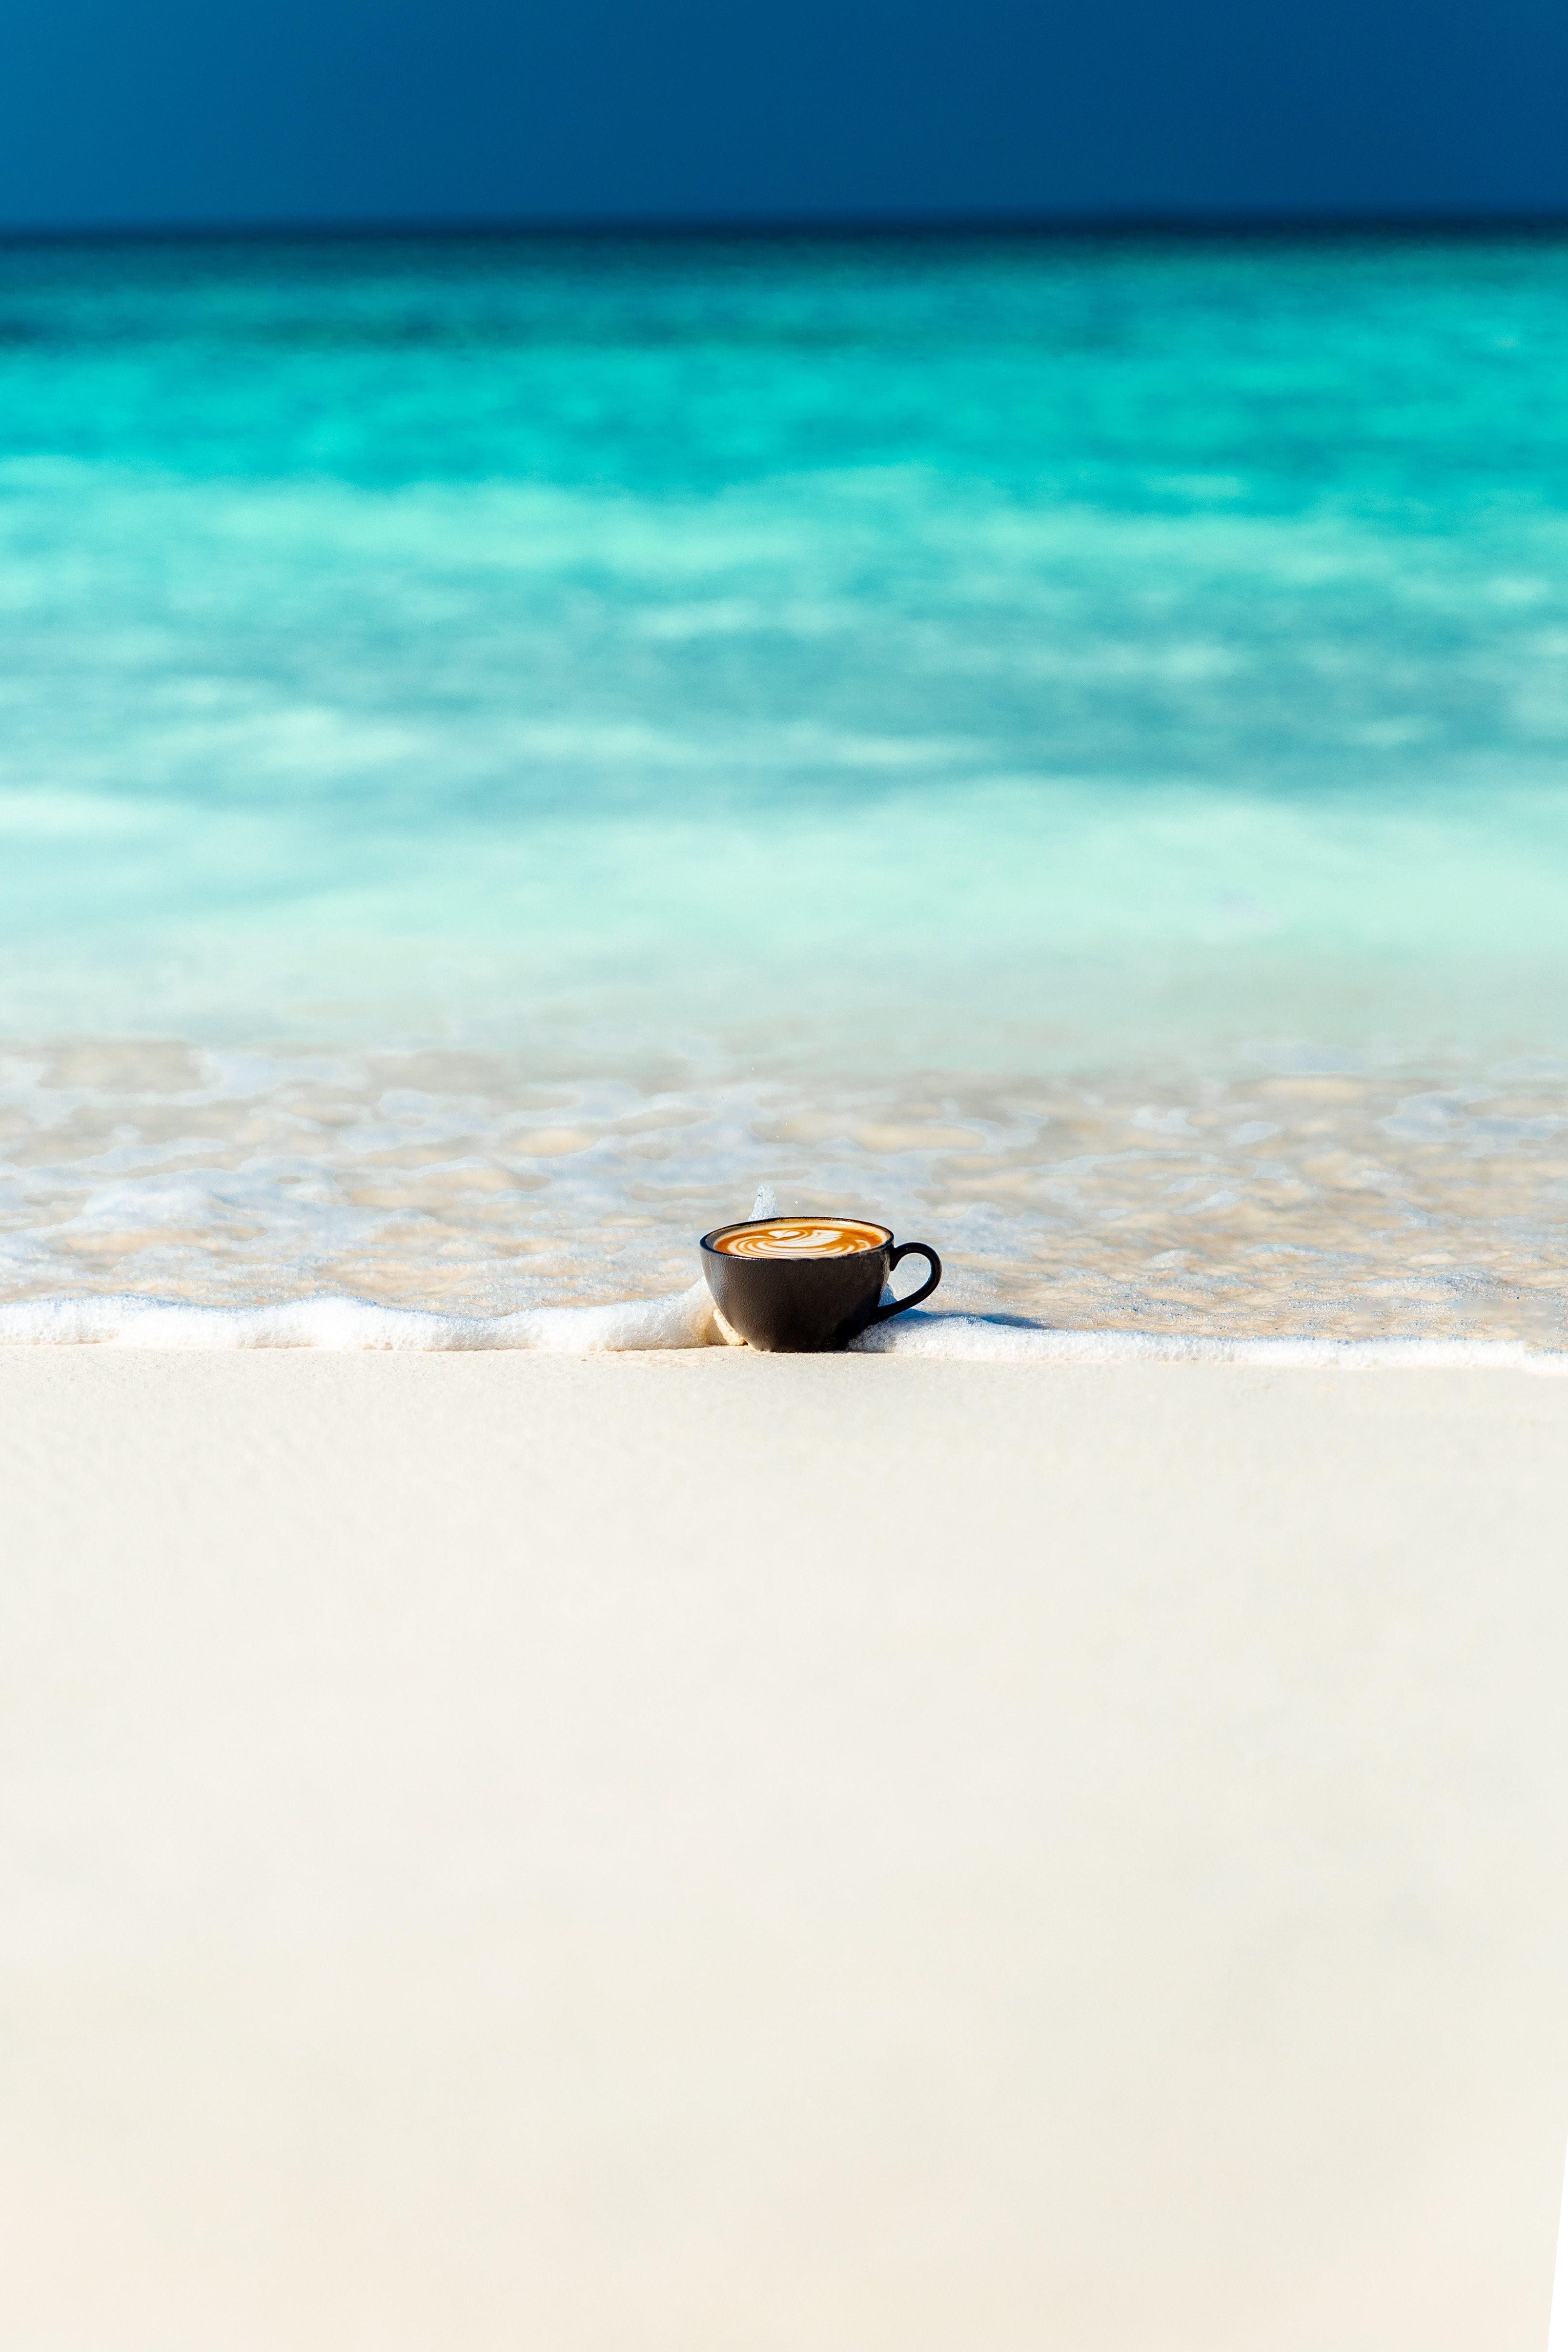 50419 Заставки и Обои Песок на телефон. Скачать Океан, Песок, Берег, Чашка, Минимализм картинки бесплатно